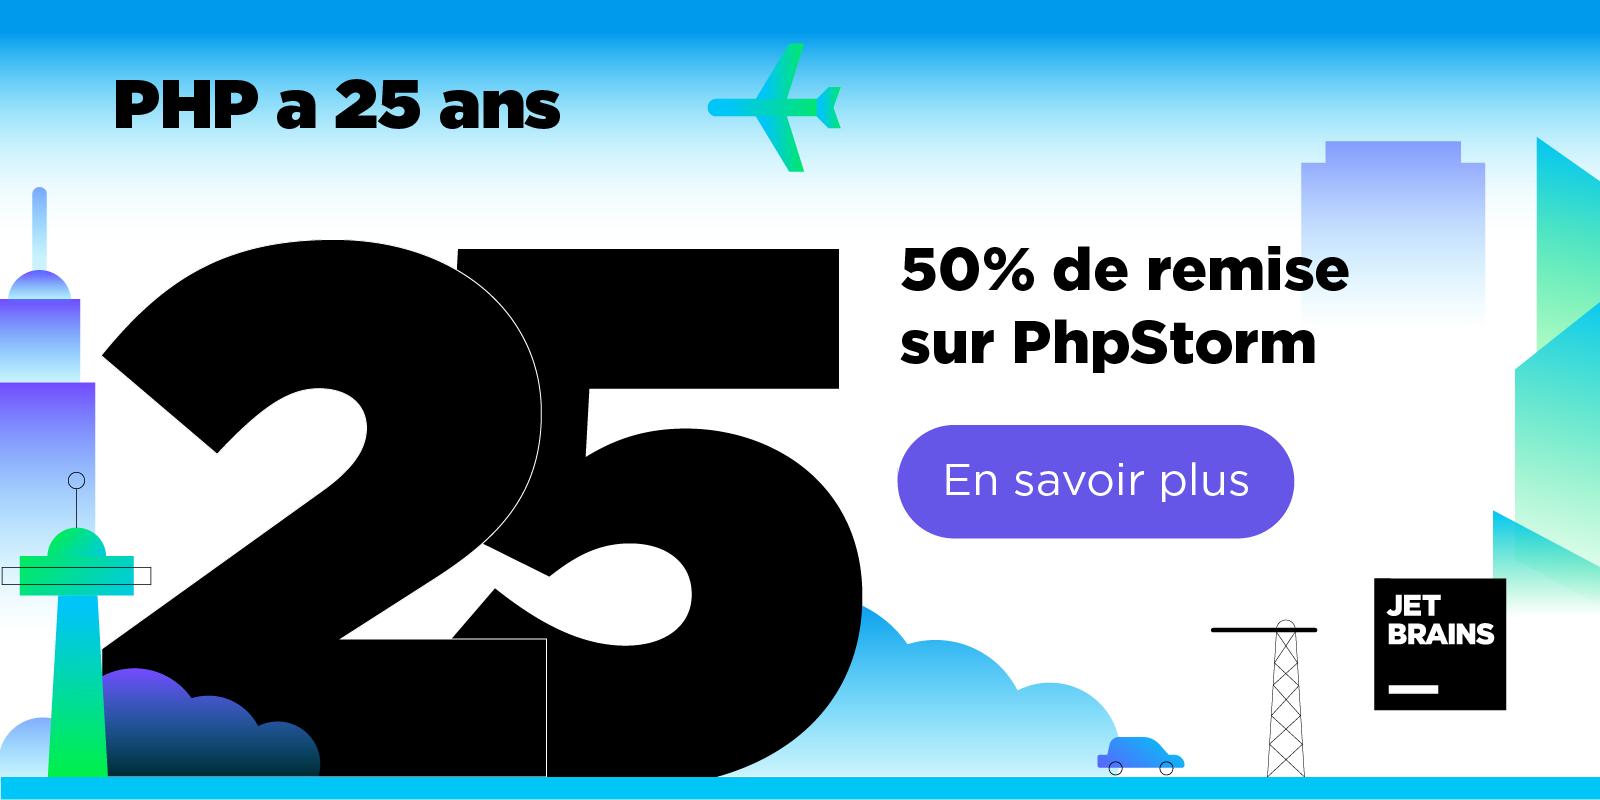 PHP a 25 ans - 50% de remis sur PhpStorm